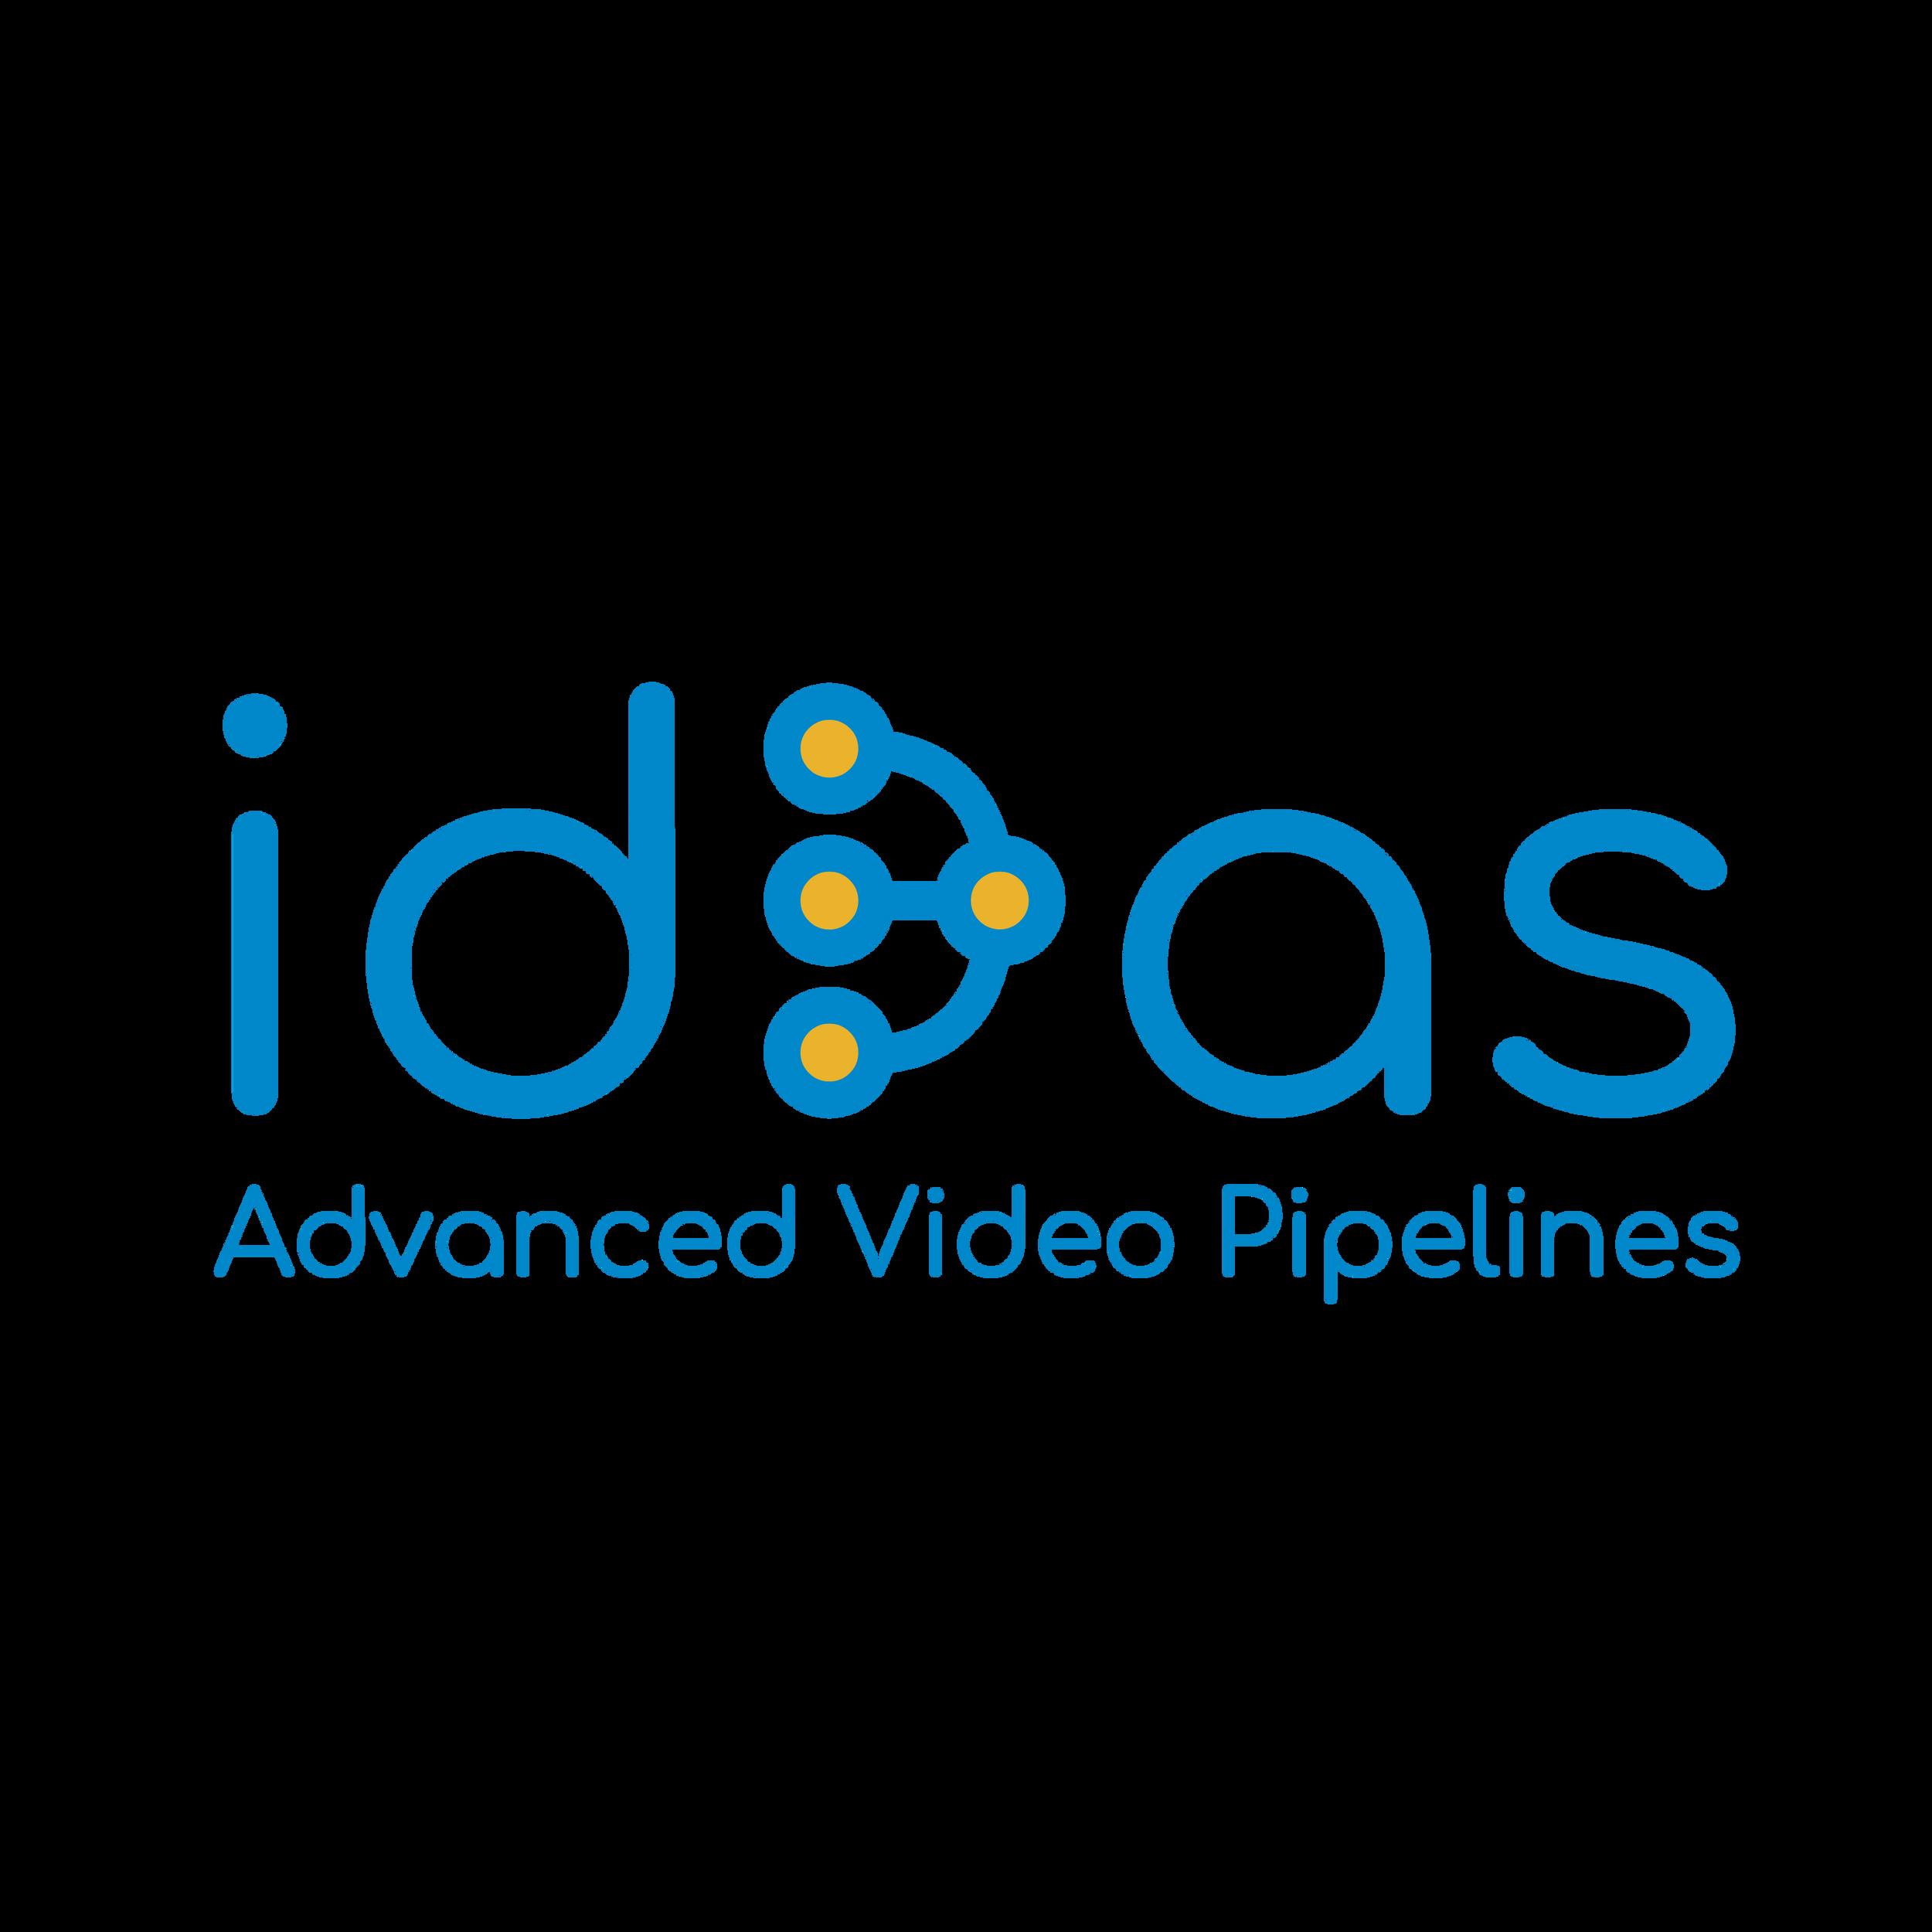 (c) Id3as.co.uk